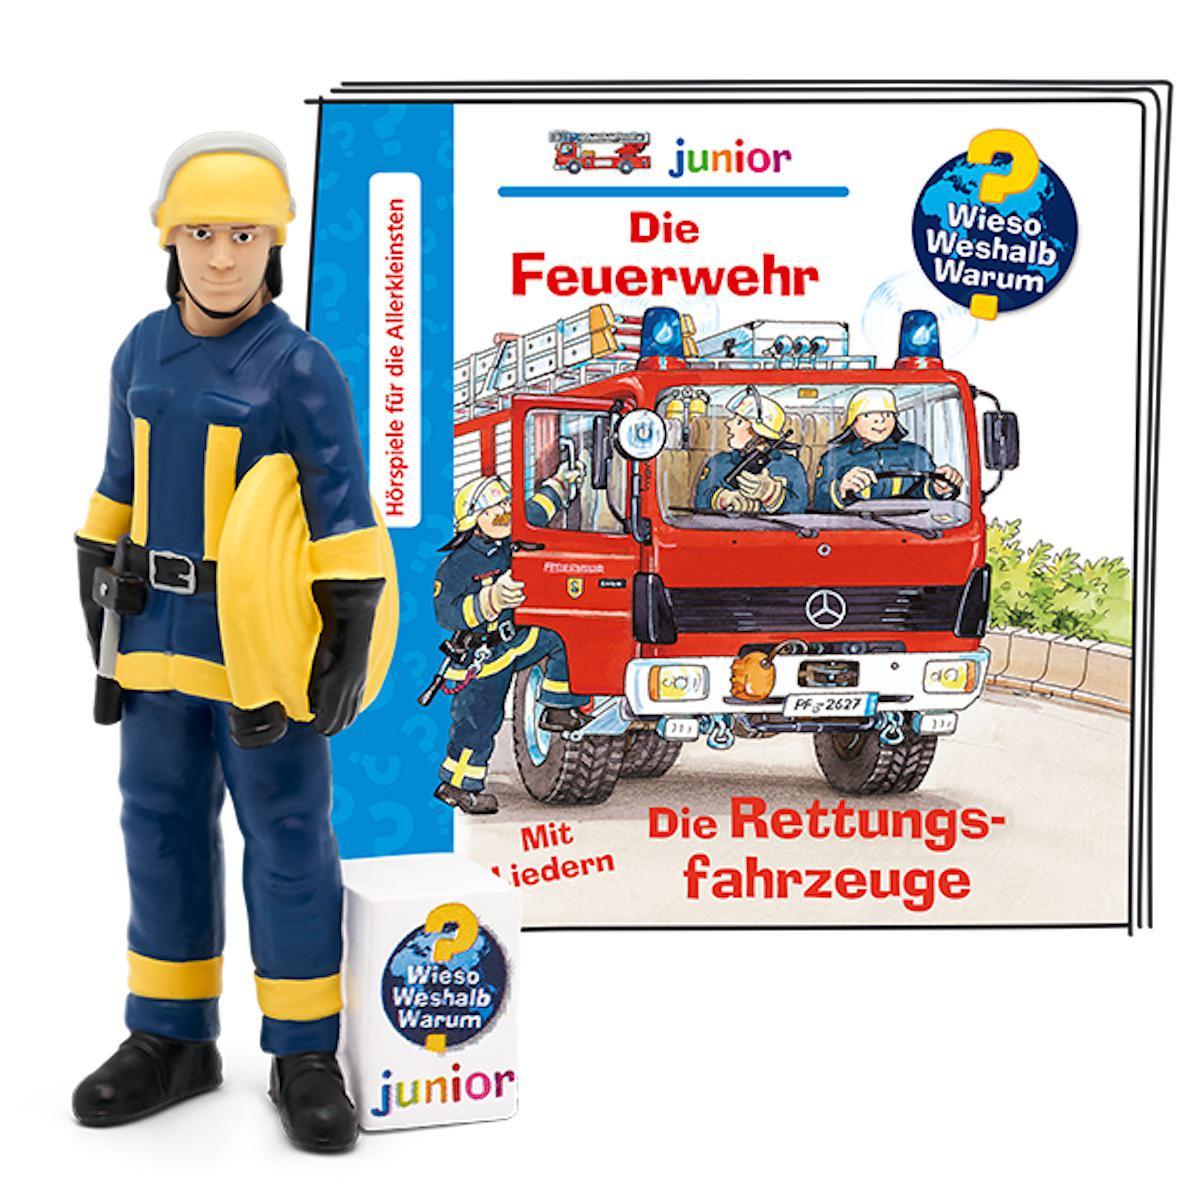 Hörspielfigur WWW junior-Feuerwehr/Rettungsfahr